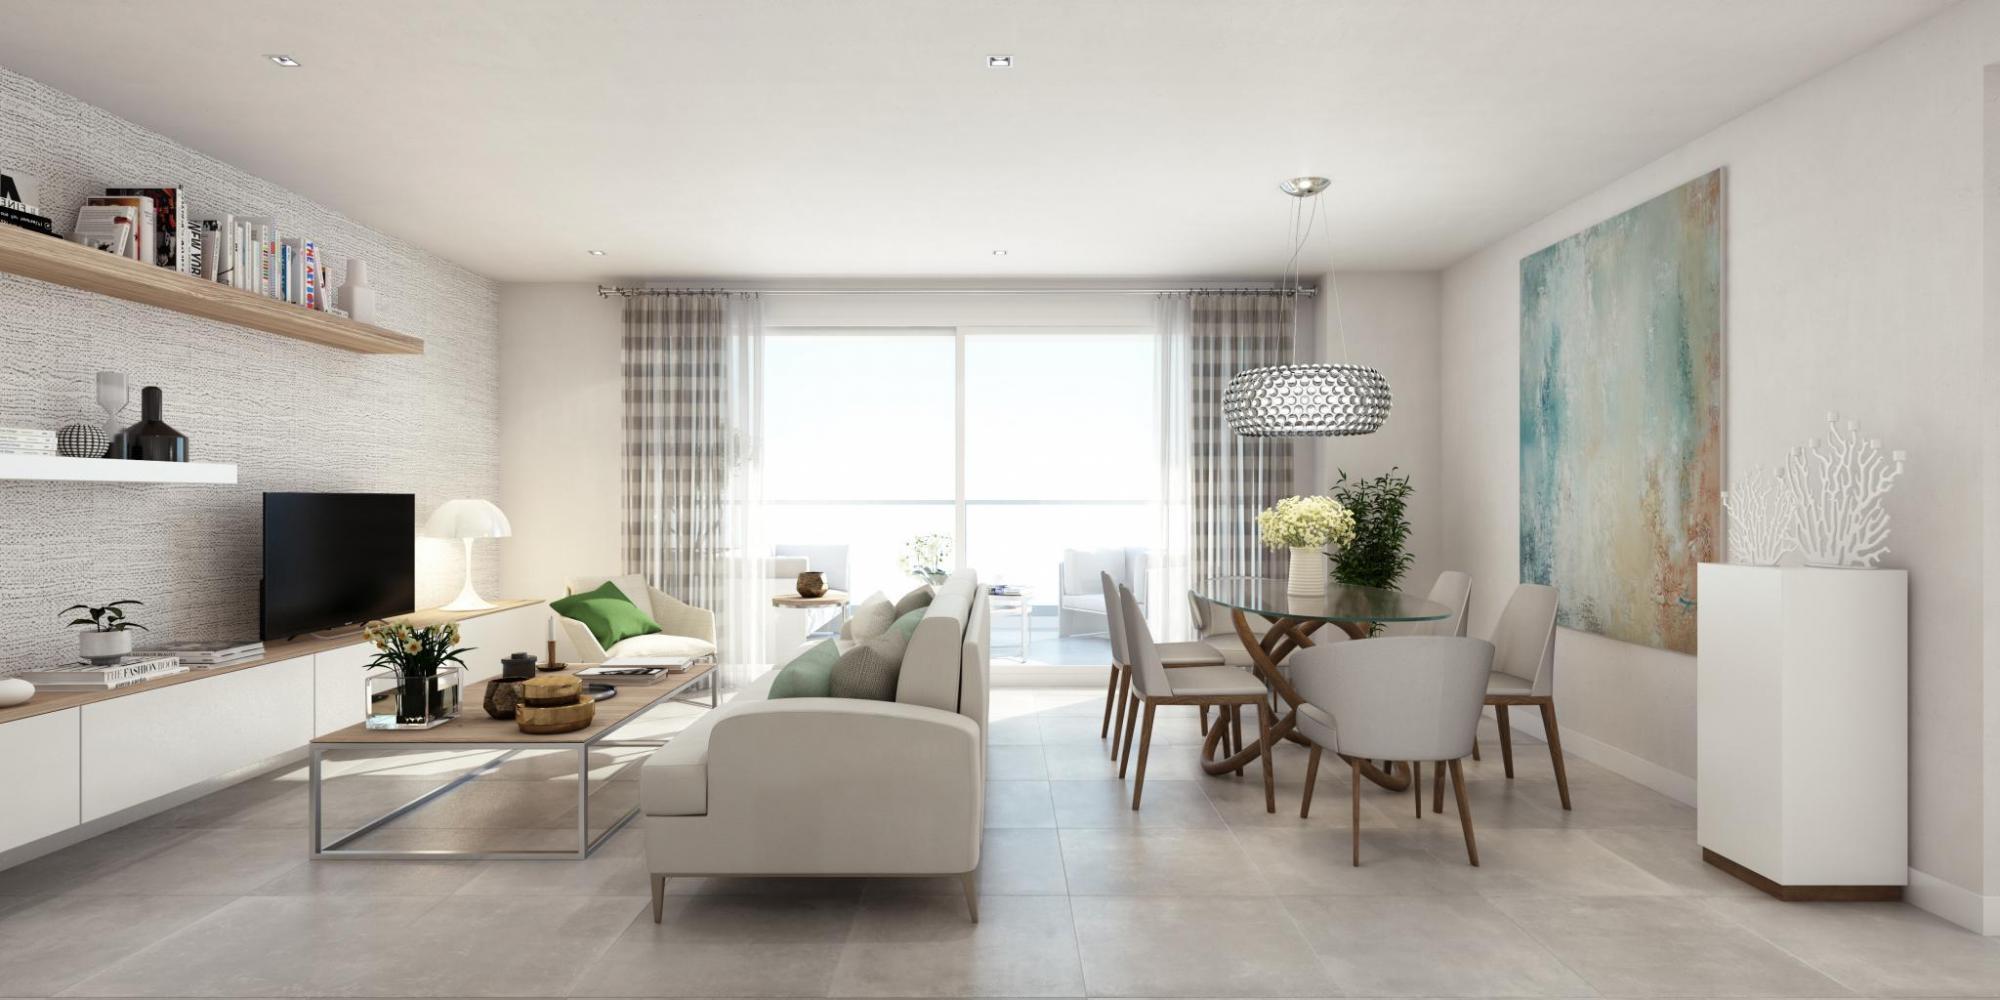 Apartment in Casares MA9776510 2